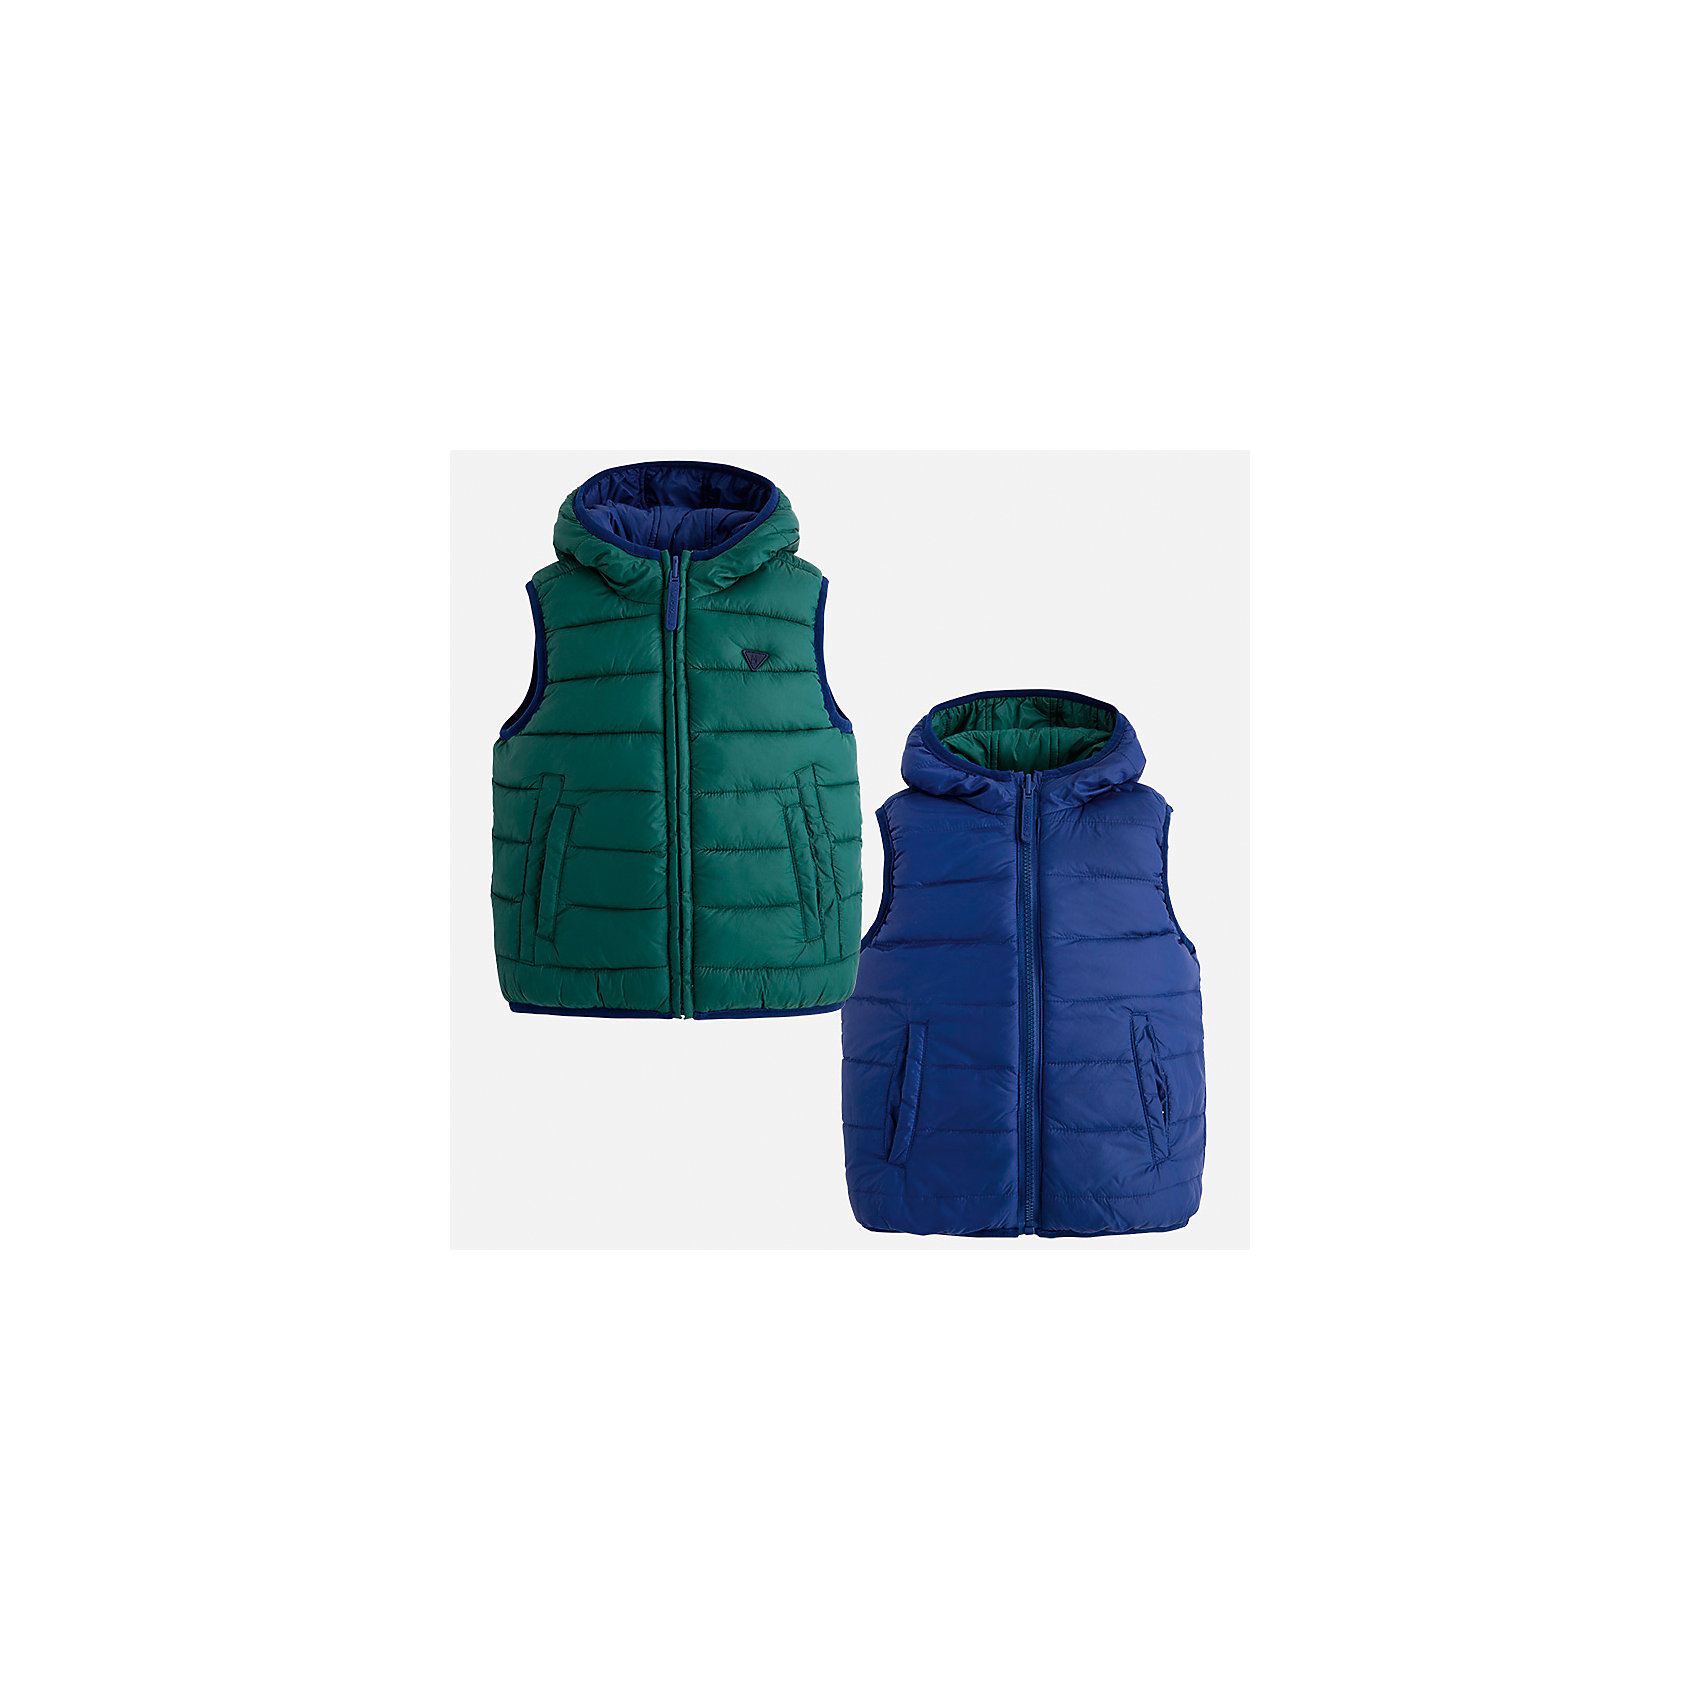 Жилет для мальчика MayoralВерхняя одежда<br>Характеристики товара:<br><br>• цвет: зеленый<br>• состав ткани: 100% полиамид<br>• подкладка: 100% полиамид<br>• утеплитель: 100% полиэстер<br>• сезон: демисезон<br>• особенности модели: двусторонний, с капюшоном<br>• капюшон: несъемный<br>• застежка: молния<br>• страна бренда: Испания<br>• страна изготовитель: Индия<br><br>Теплый жилет для мальчика от Майорал поможет обеспечить ребенку комфорт и тепло. Детский жилет отличается модным и продуманным дизайном. В двустороннем жилете для мальчика от испанской компании Майорал ребенок будет выглядеть модно, а чувствовать себя - комфортно. <br><br>Жилет для мальчика Mayoral (Майорал) можно купить в нашем интернет-магазине.<br><br>Ширина мм: 190<br>Глубина мм: 74<br>Высота мм: 229<br>Вес г: 236<br>Цвет: зеленый<br>Возраст от месяцев: 96<br>Возраст до месяцев: 108<br>Пол: Мужской<br>Возраст: Детский<br>Размер: 134,92,98,104,110,116,122,128<br>SKU: 6934643